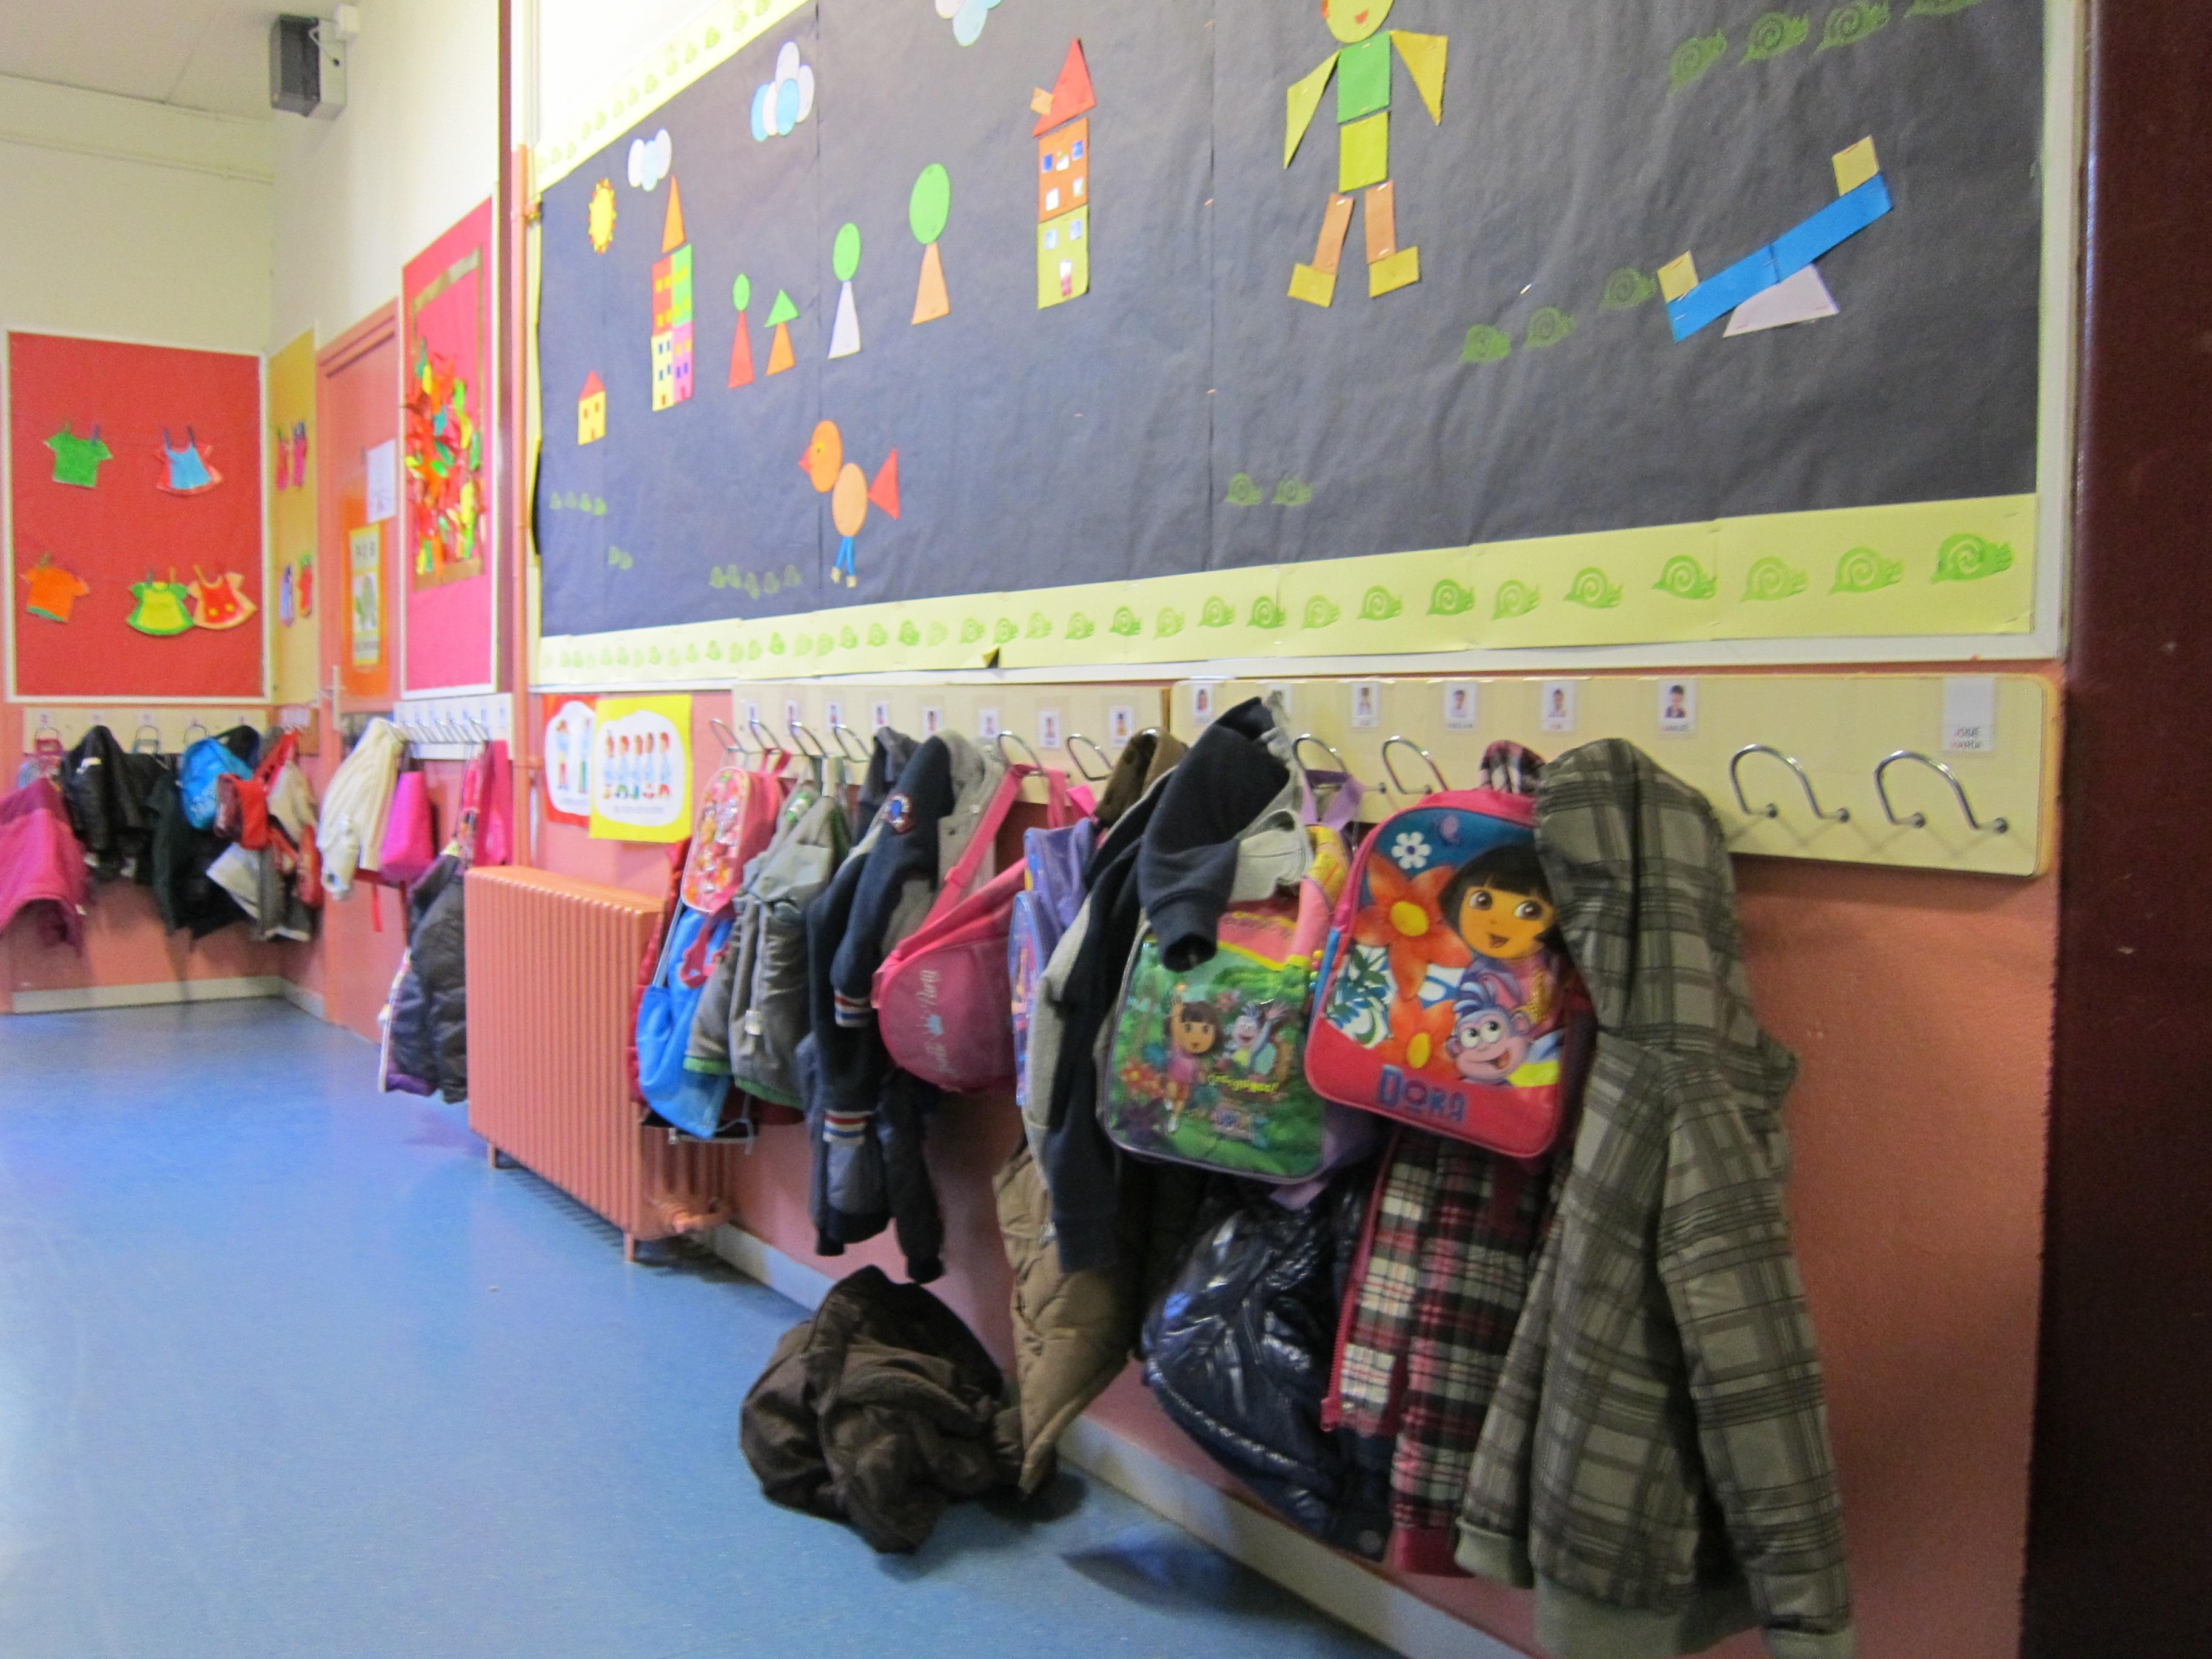 La Junta empieza este lunes el reparto en colegios de desayunos y meriendas, que llegará a unos 50.000 niños